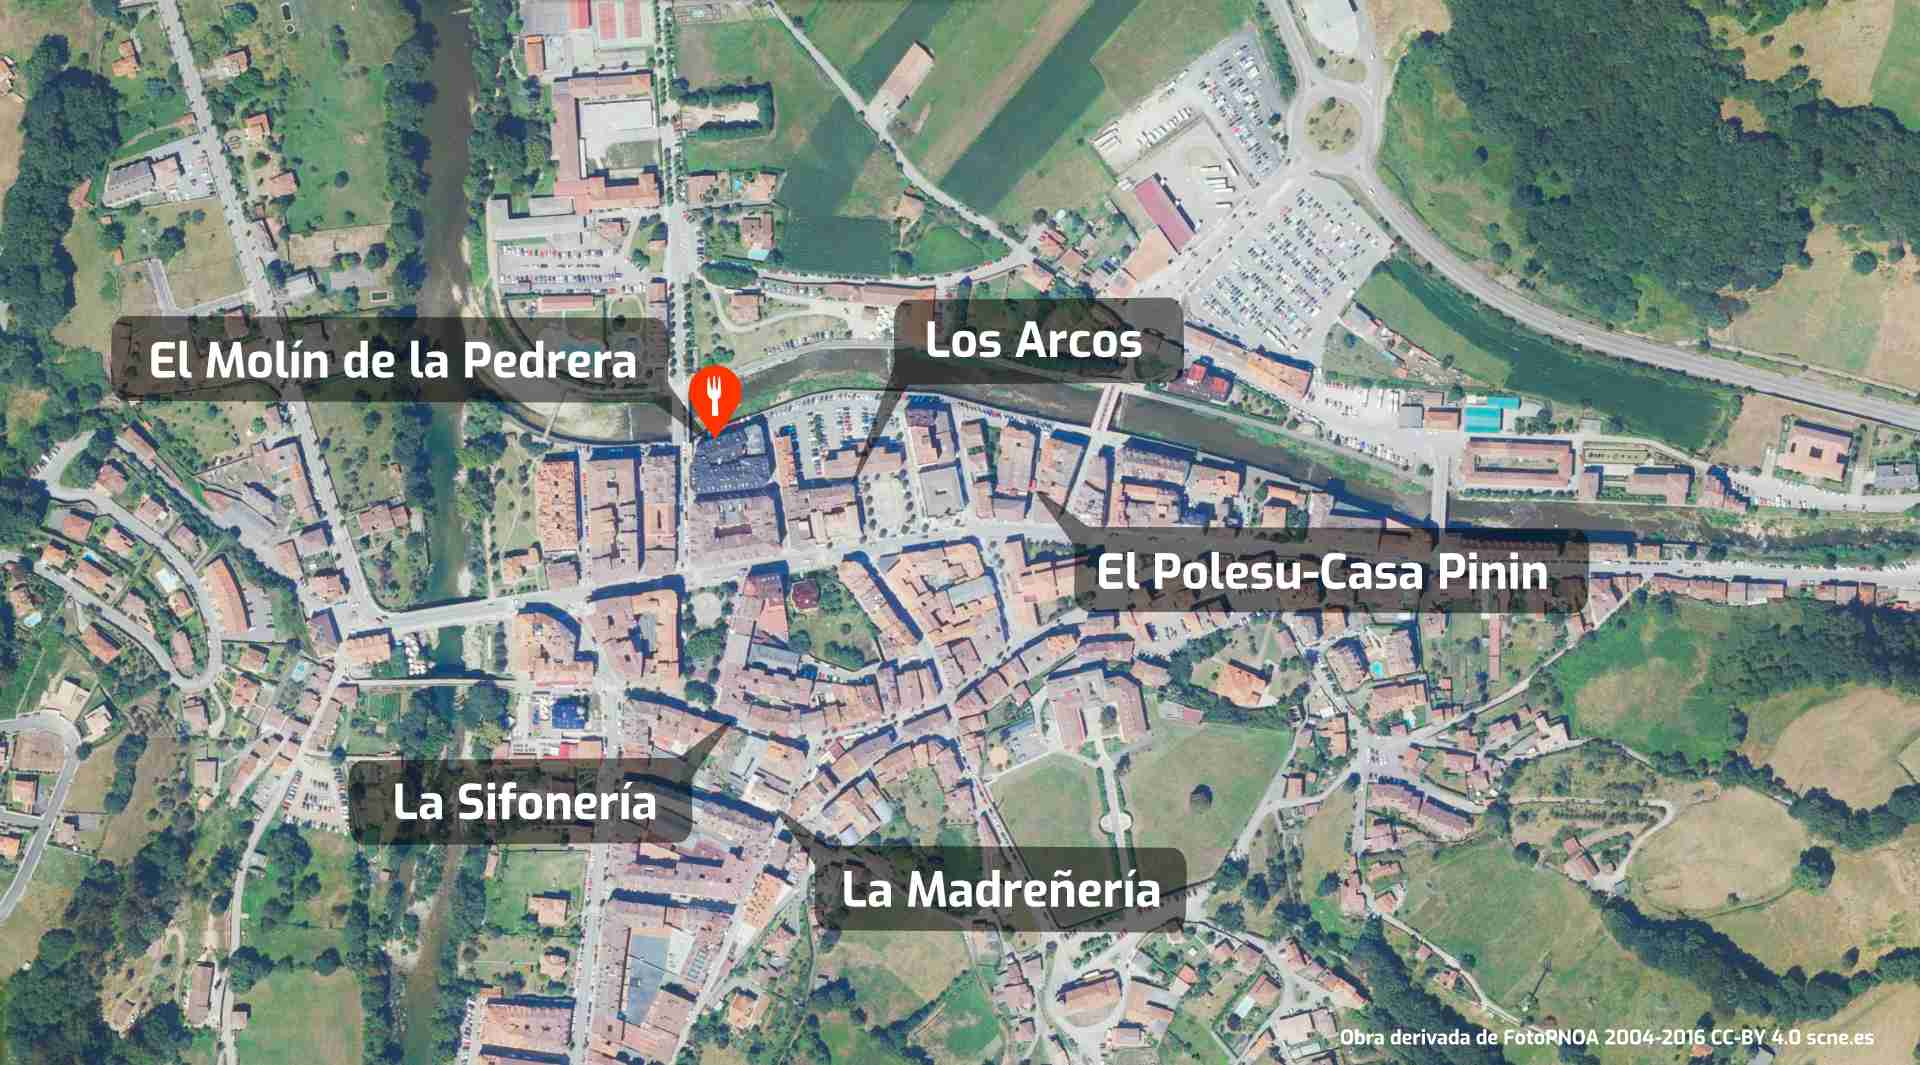 Mapa de cómo llegar al restaurante El Molín de la Pedrera en Cangas de Onís, Asturias